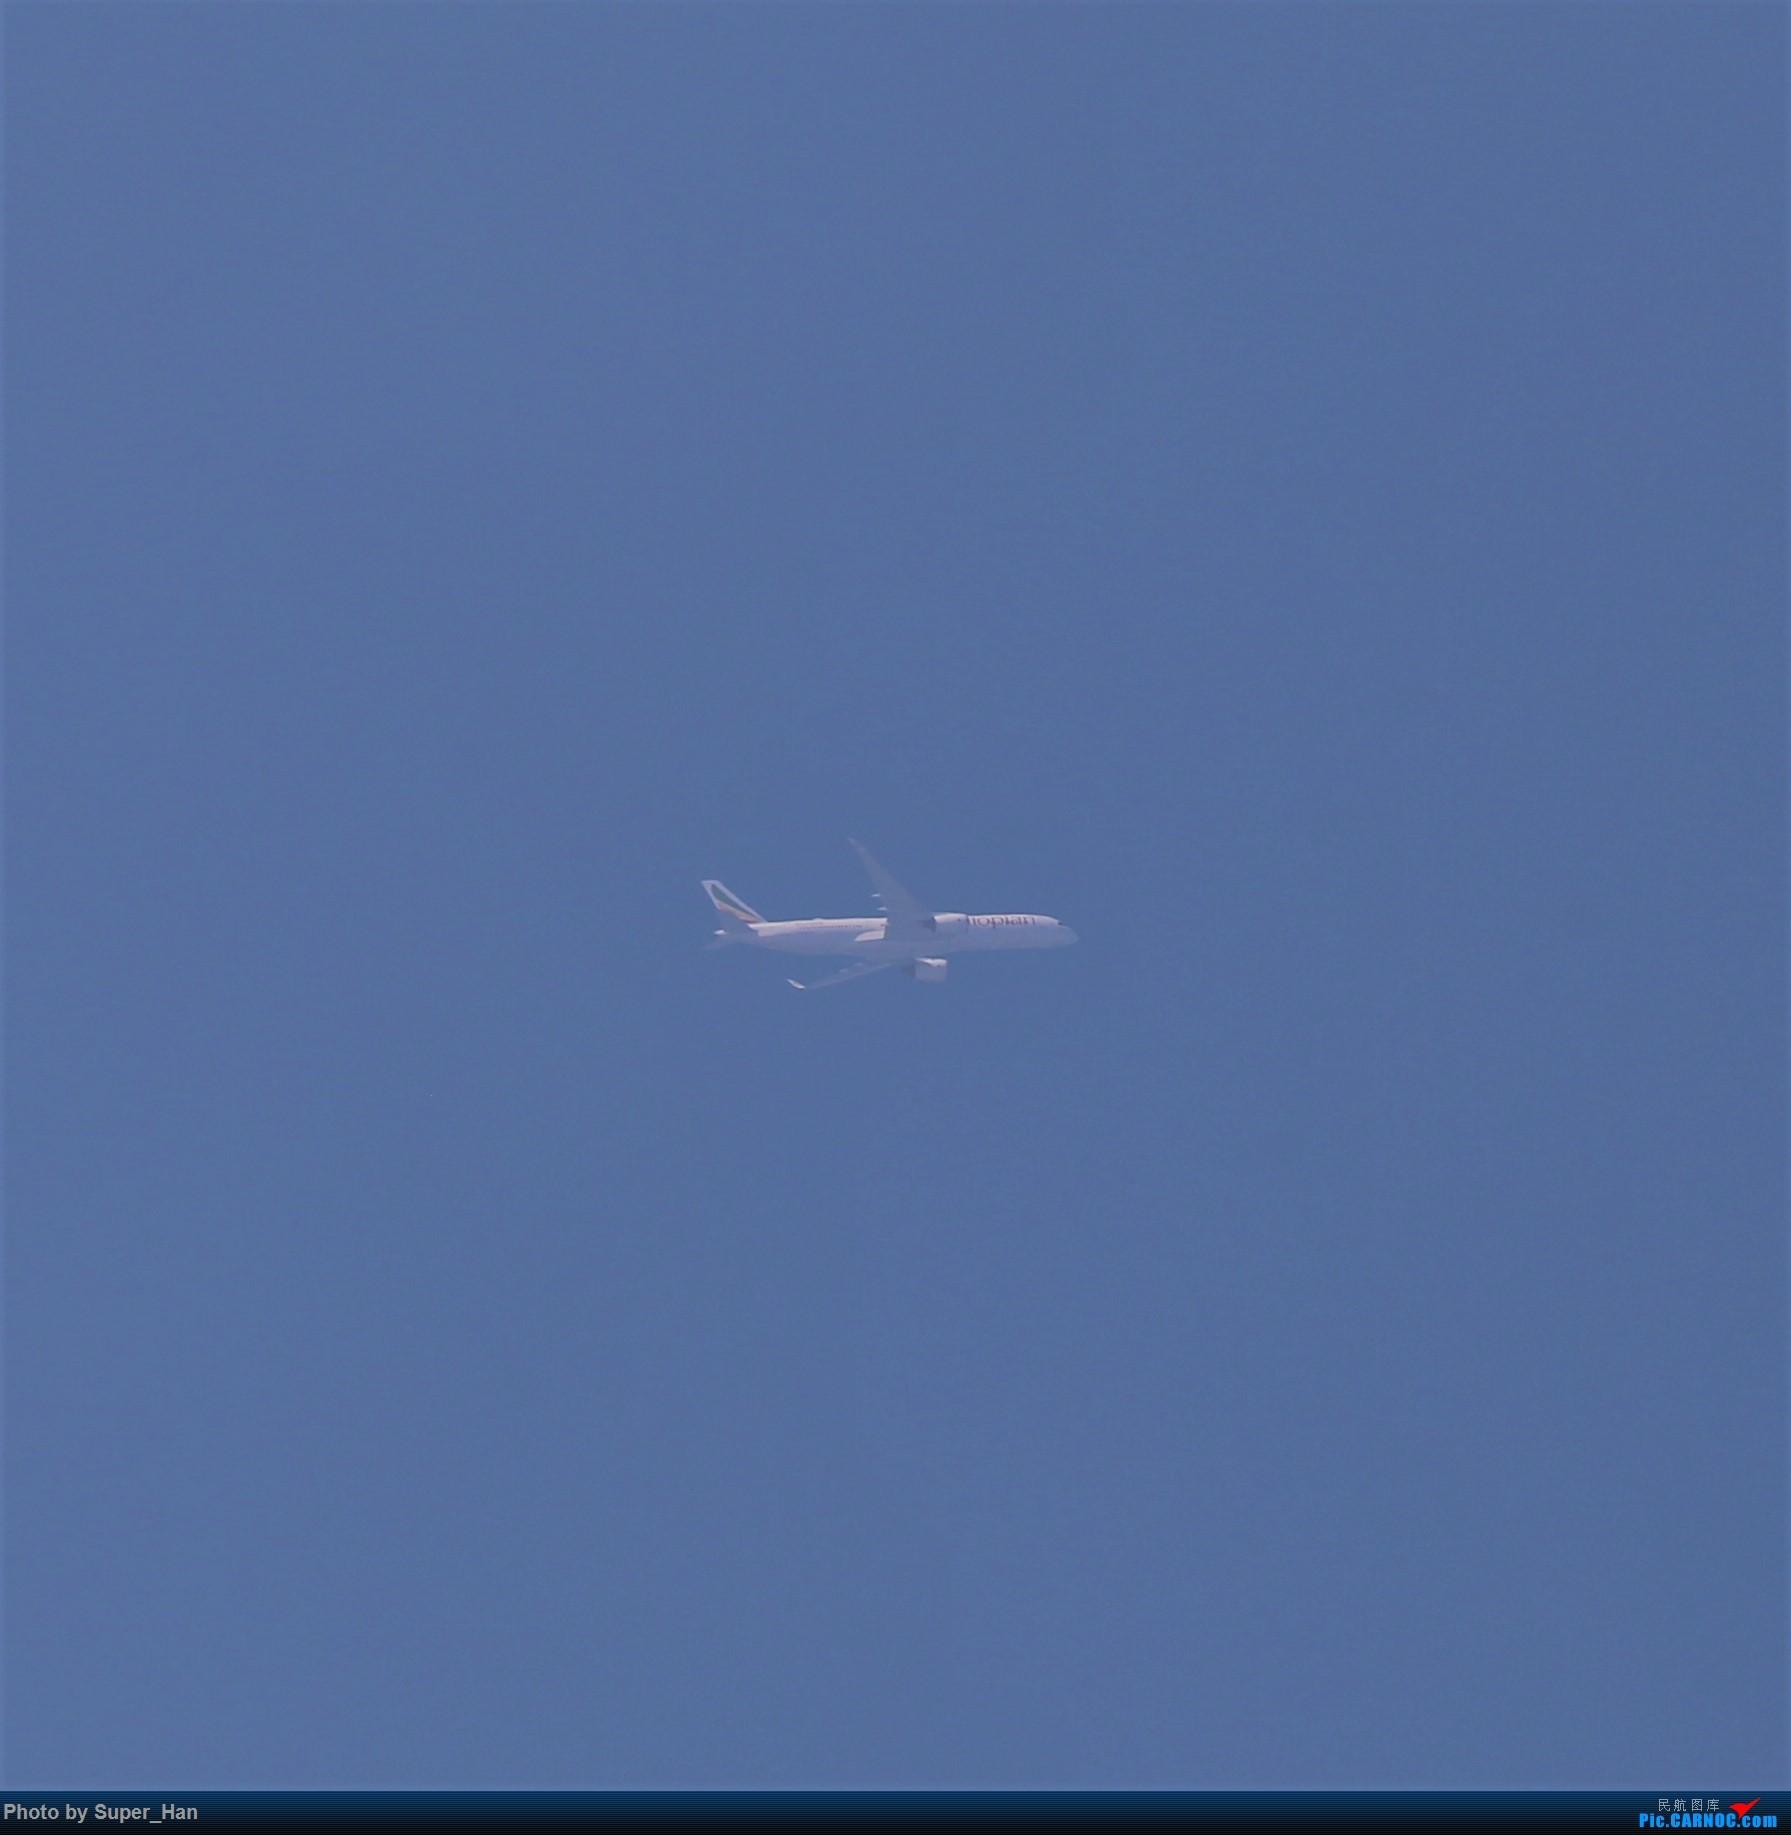 Re:[原创]【杭州飞友会】0715虹桥头顶降PVG的重型机 AIRBUS A350-900 ET-AUA 中国上海虹桥国际机场